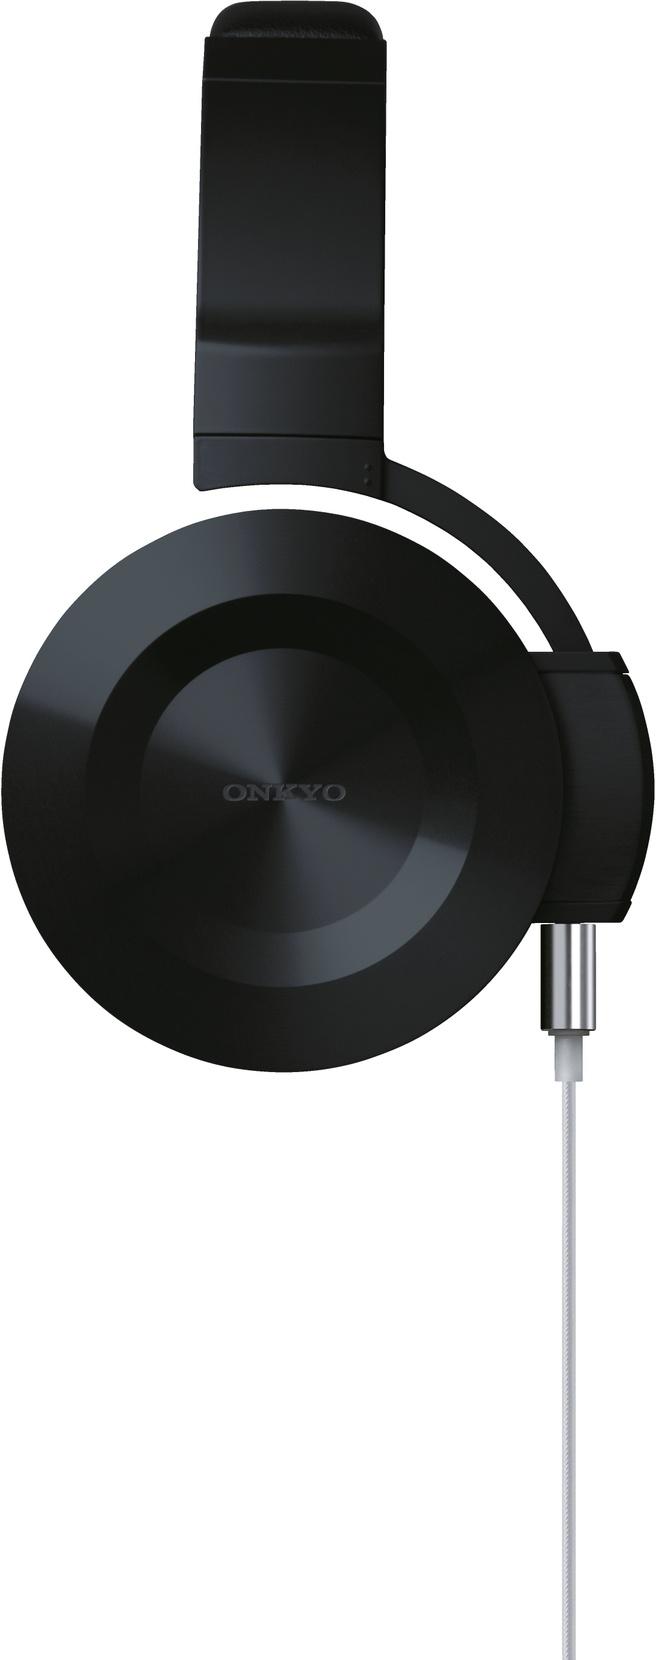 Onkyo ES-HF300